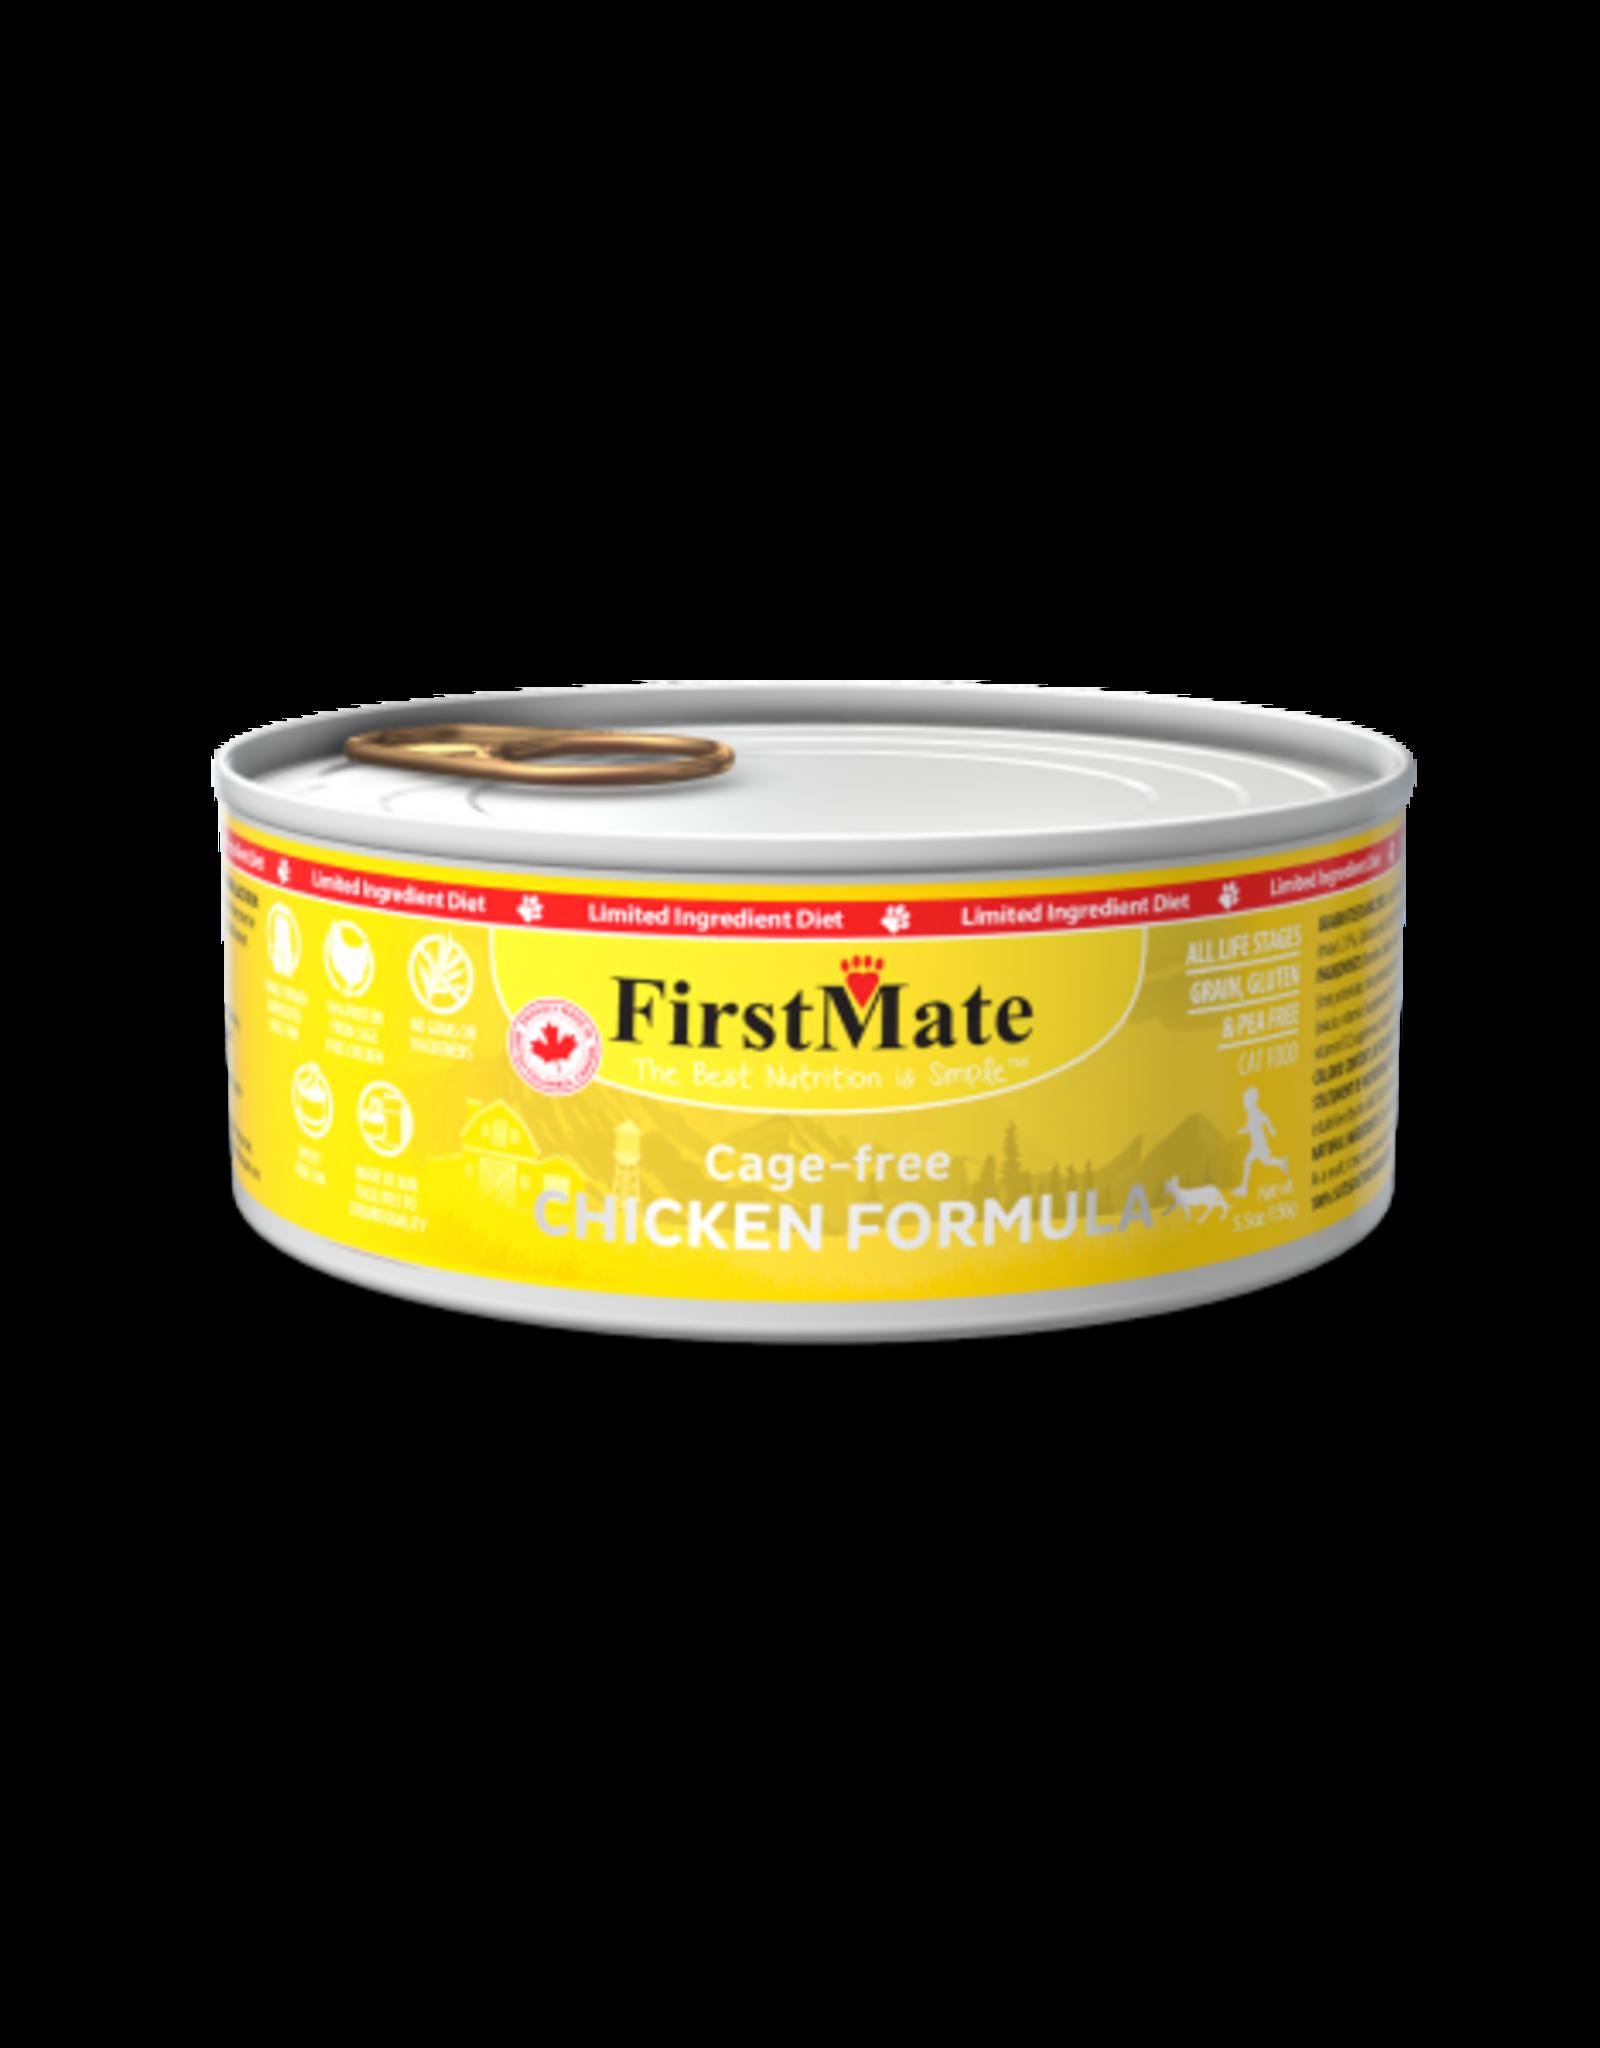 FirstMate Pet Food Cat LID Chicken Pate - Grain-Free 5.5oz